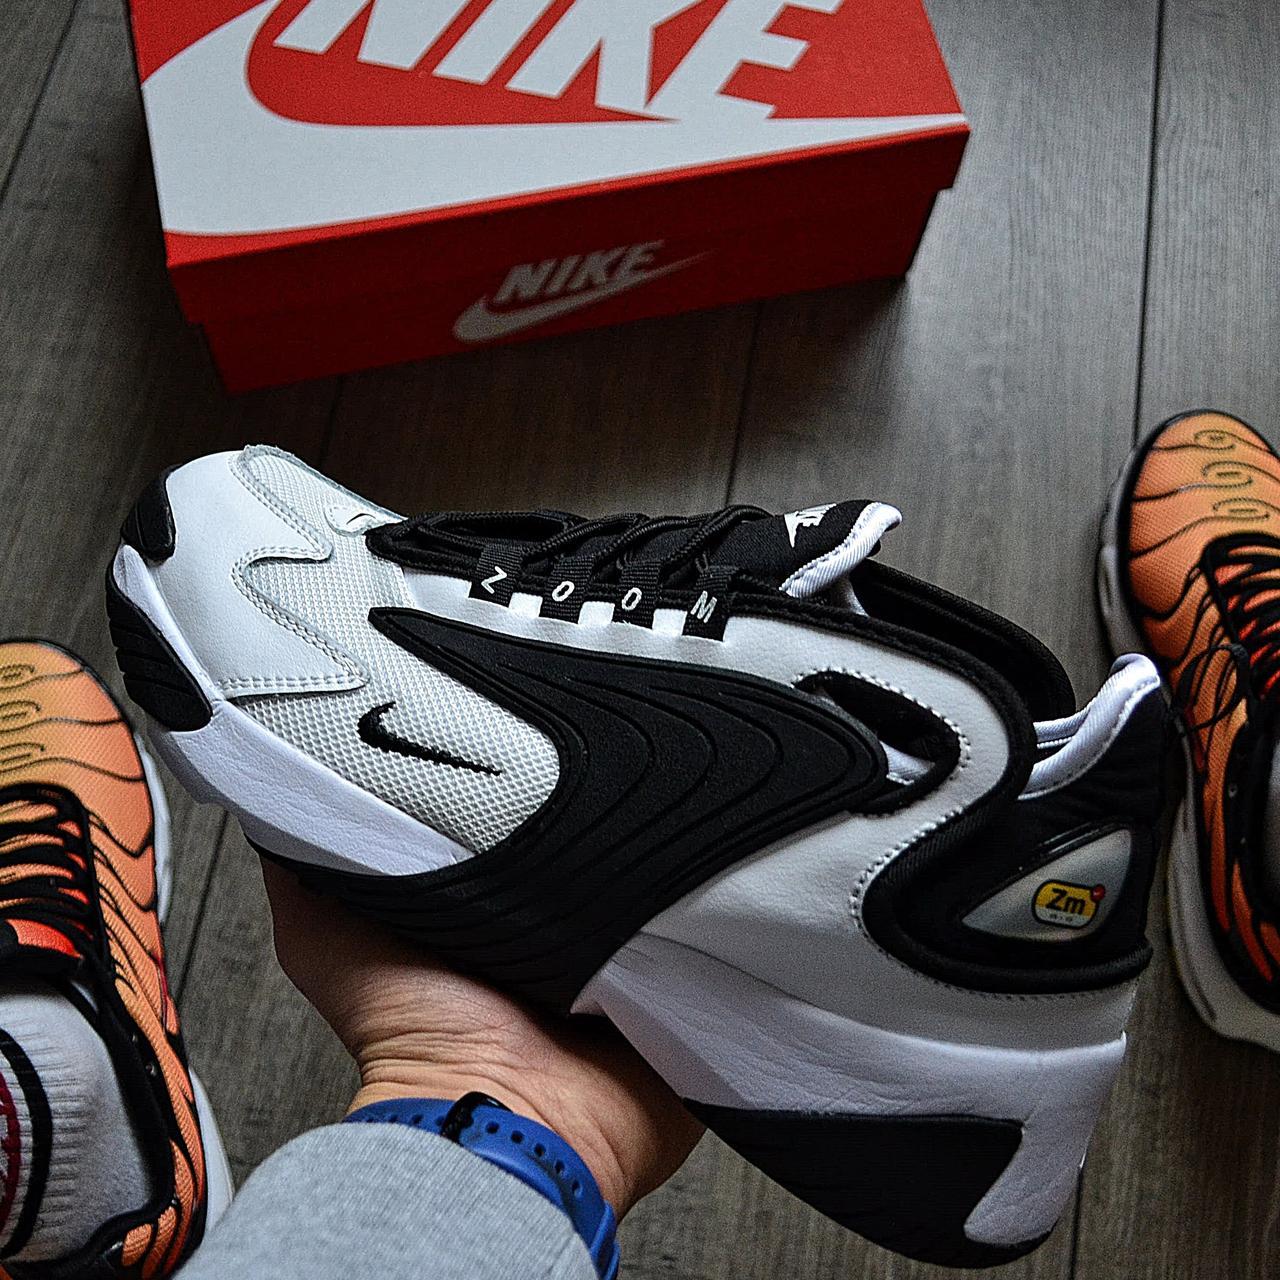 Мужские кроссовки в стиле Nike Zoom 2k Black/White